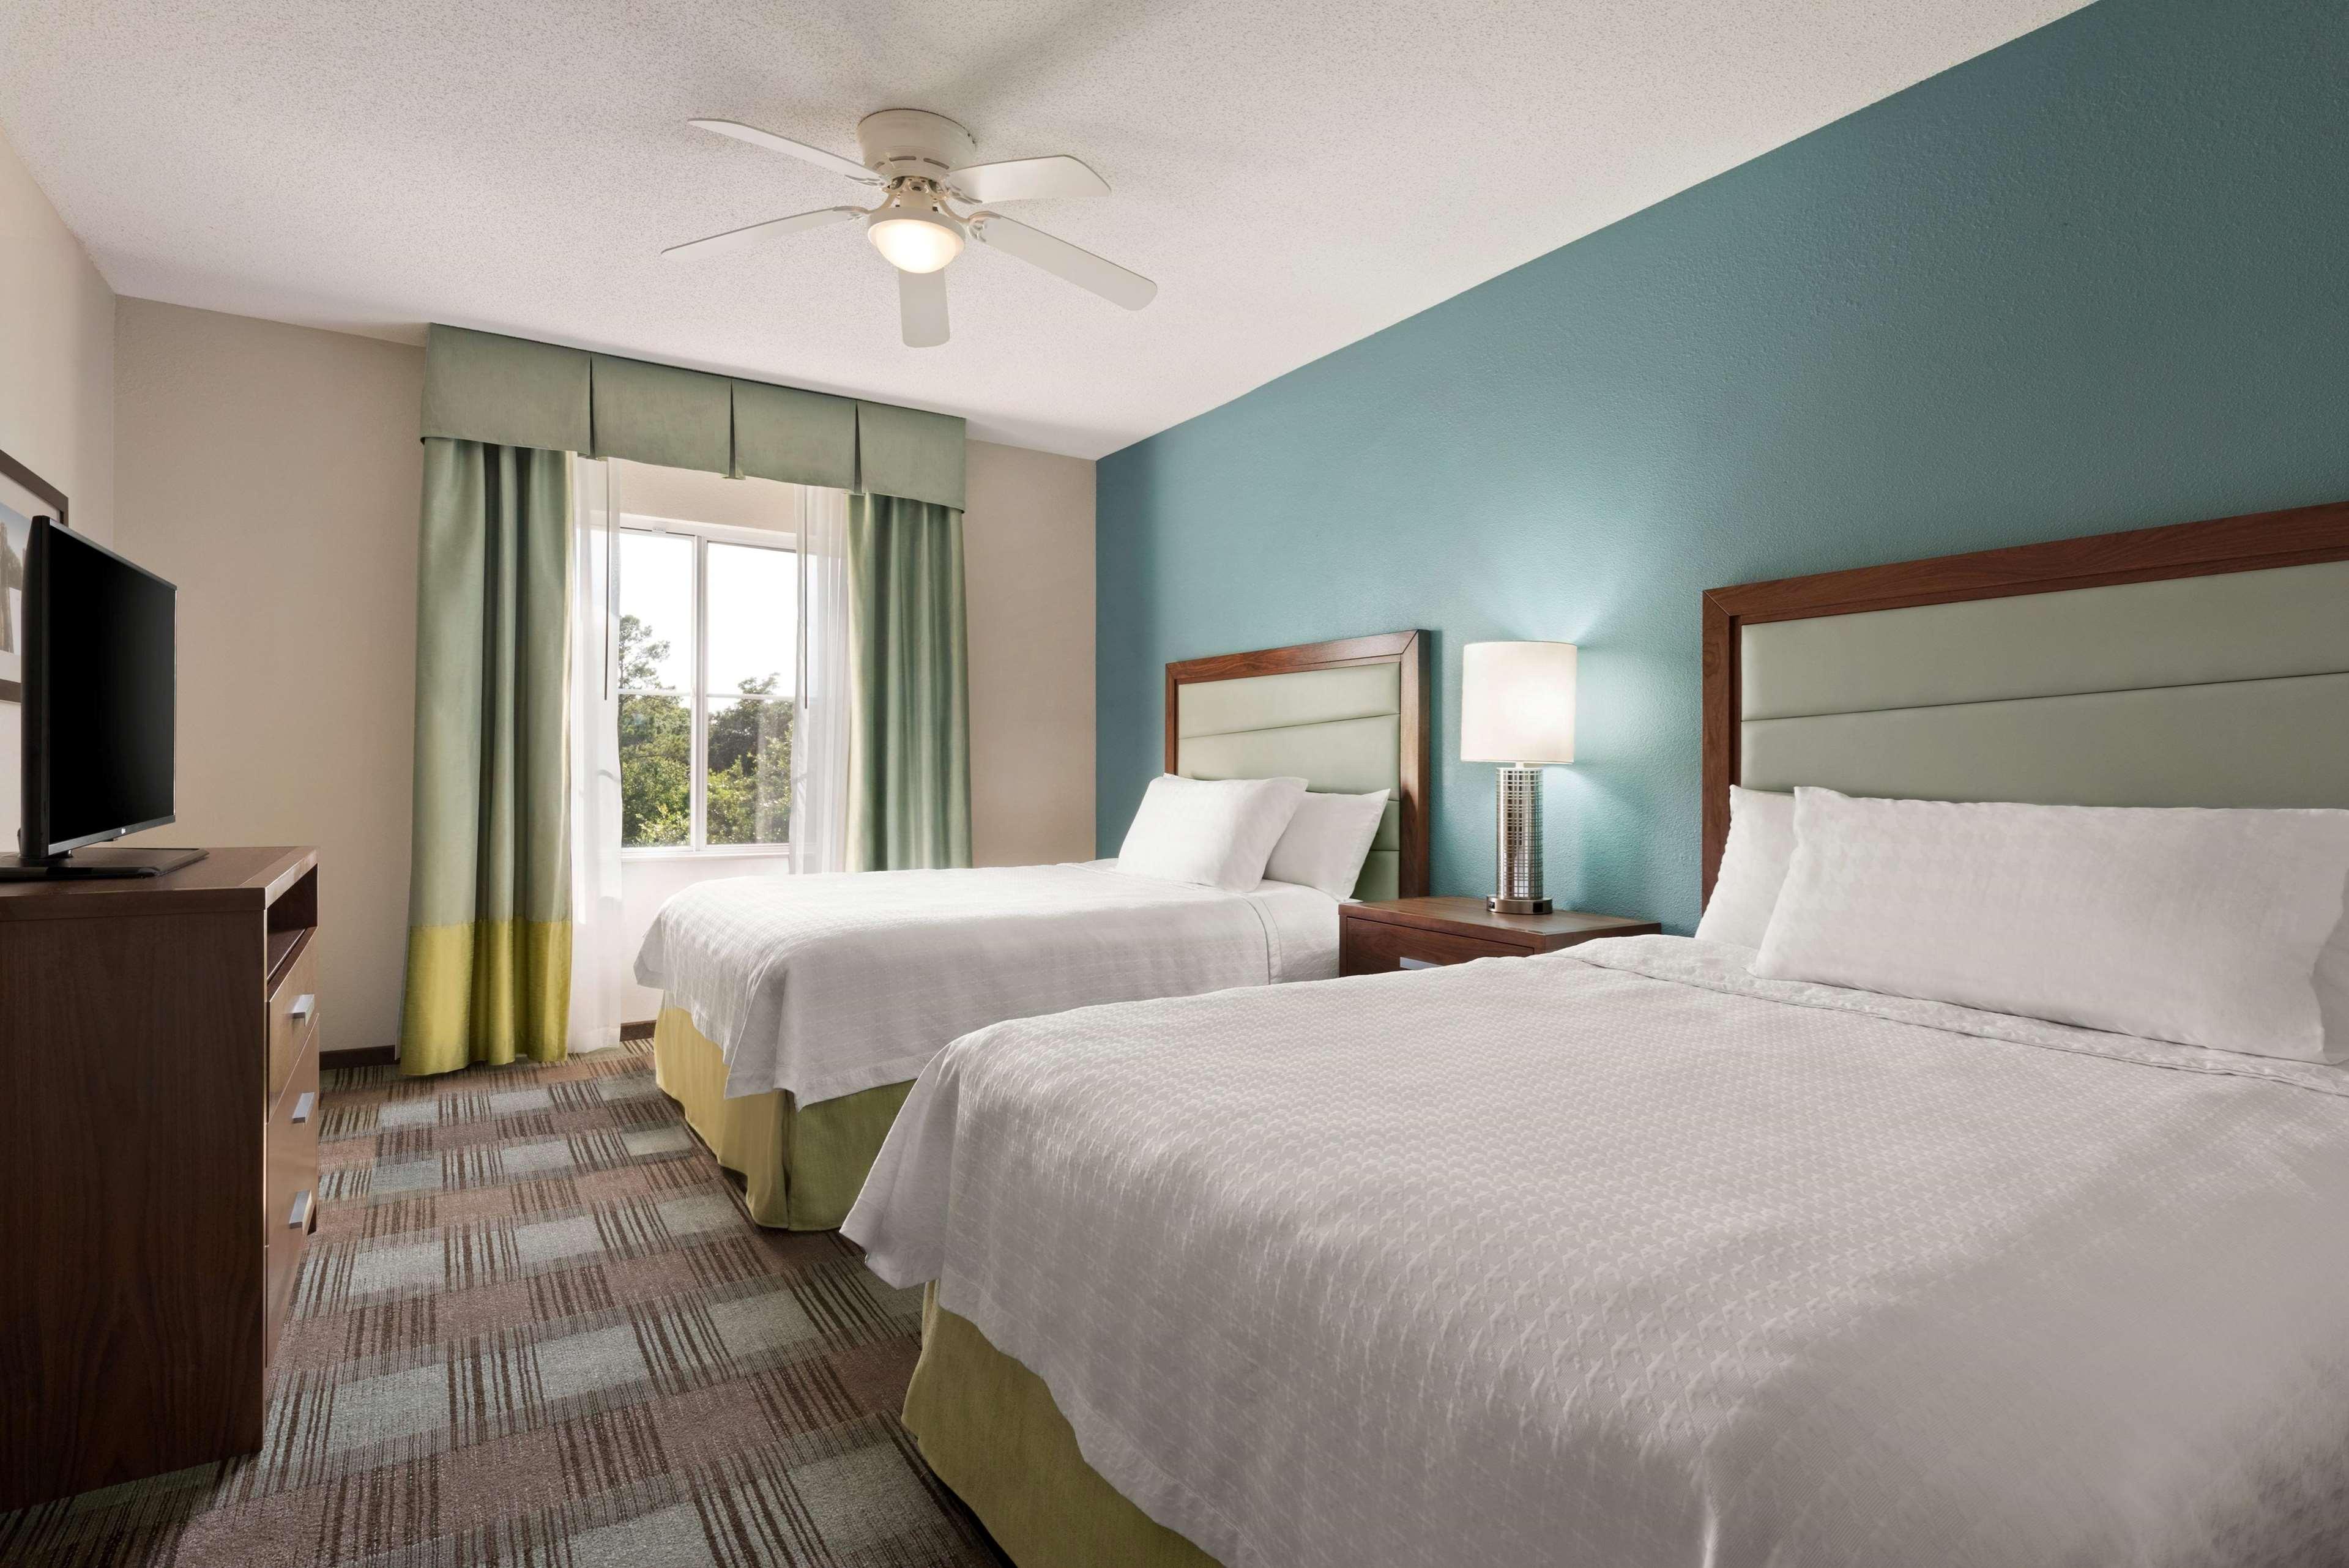 Homewood Suites by Hilton Charleston - Mt. Pleasant image 20